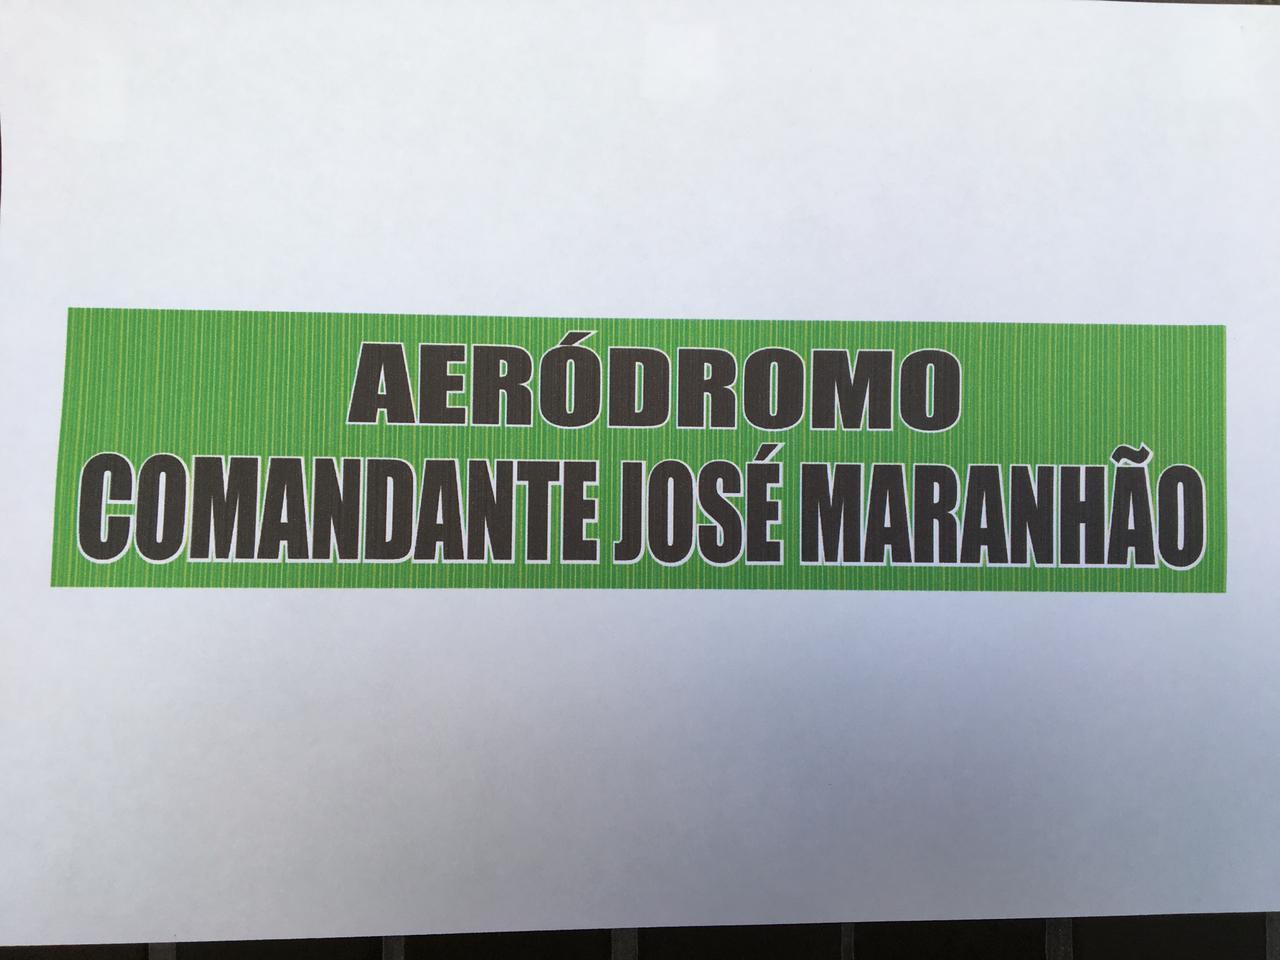 WhatsApp Image 2021 02 09 at 20.46.29 - HOMENAGEM A ZÉ! Clube de Livramento passa a se chamar Aeródromo Comandante José Maranhão e fará sobrevoo em Araruna - VEJA VÍDEO